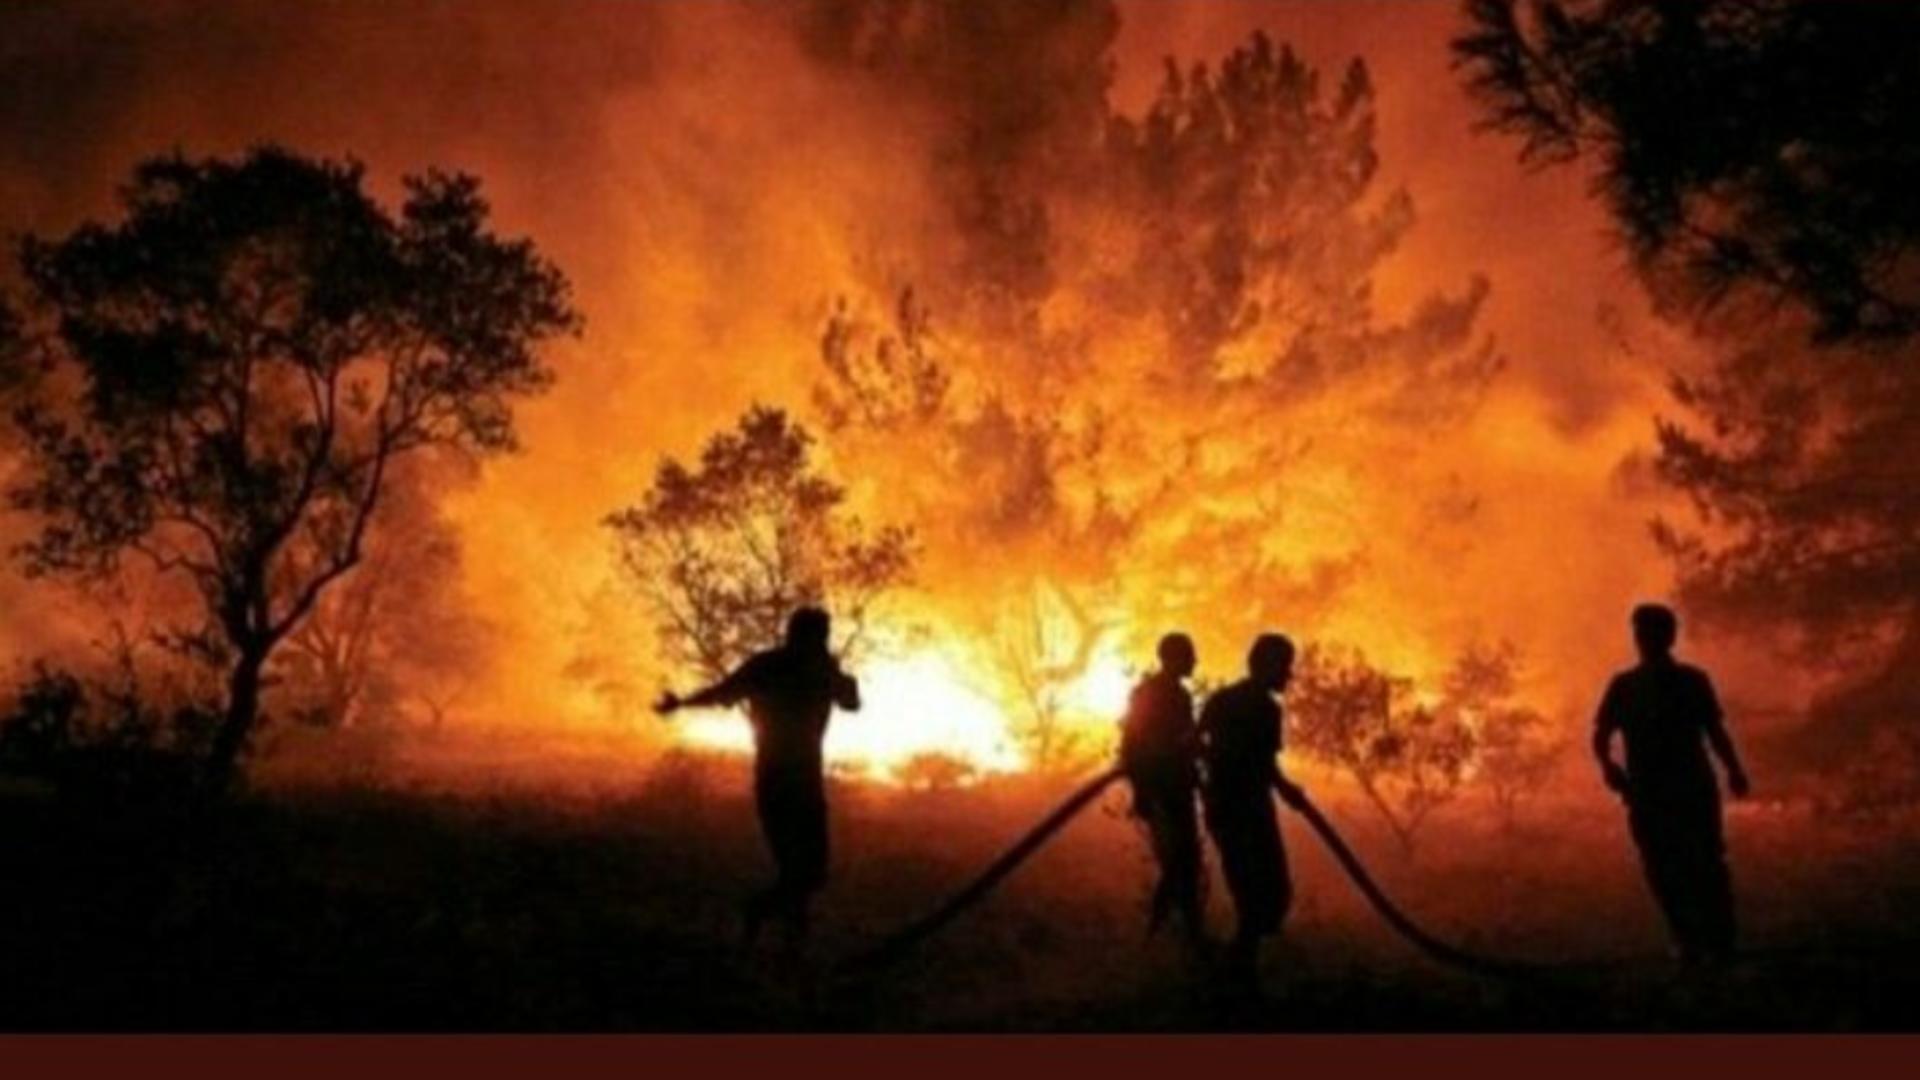 TRAGEDIE fără margini în Turcia! Numărul VICTIMELOR, în creștere, după incendiile uriașe Foto: Twitter